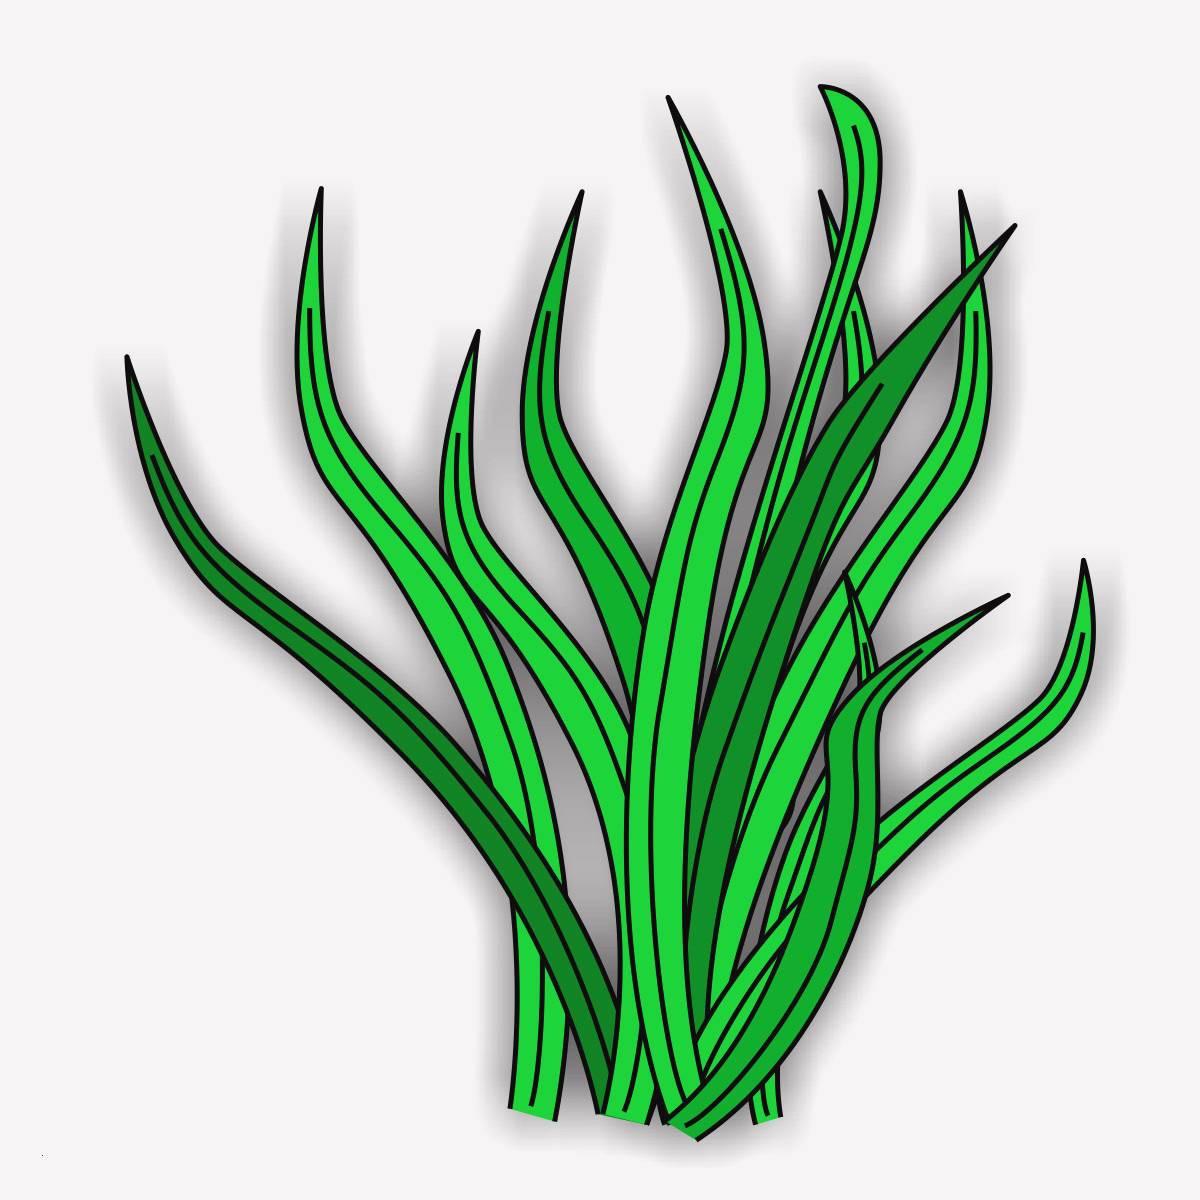 Unterwasserpflanzen Zum Ausmalen Genial 25 Genial Ausmalbilder Ninjago Geister Stock